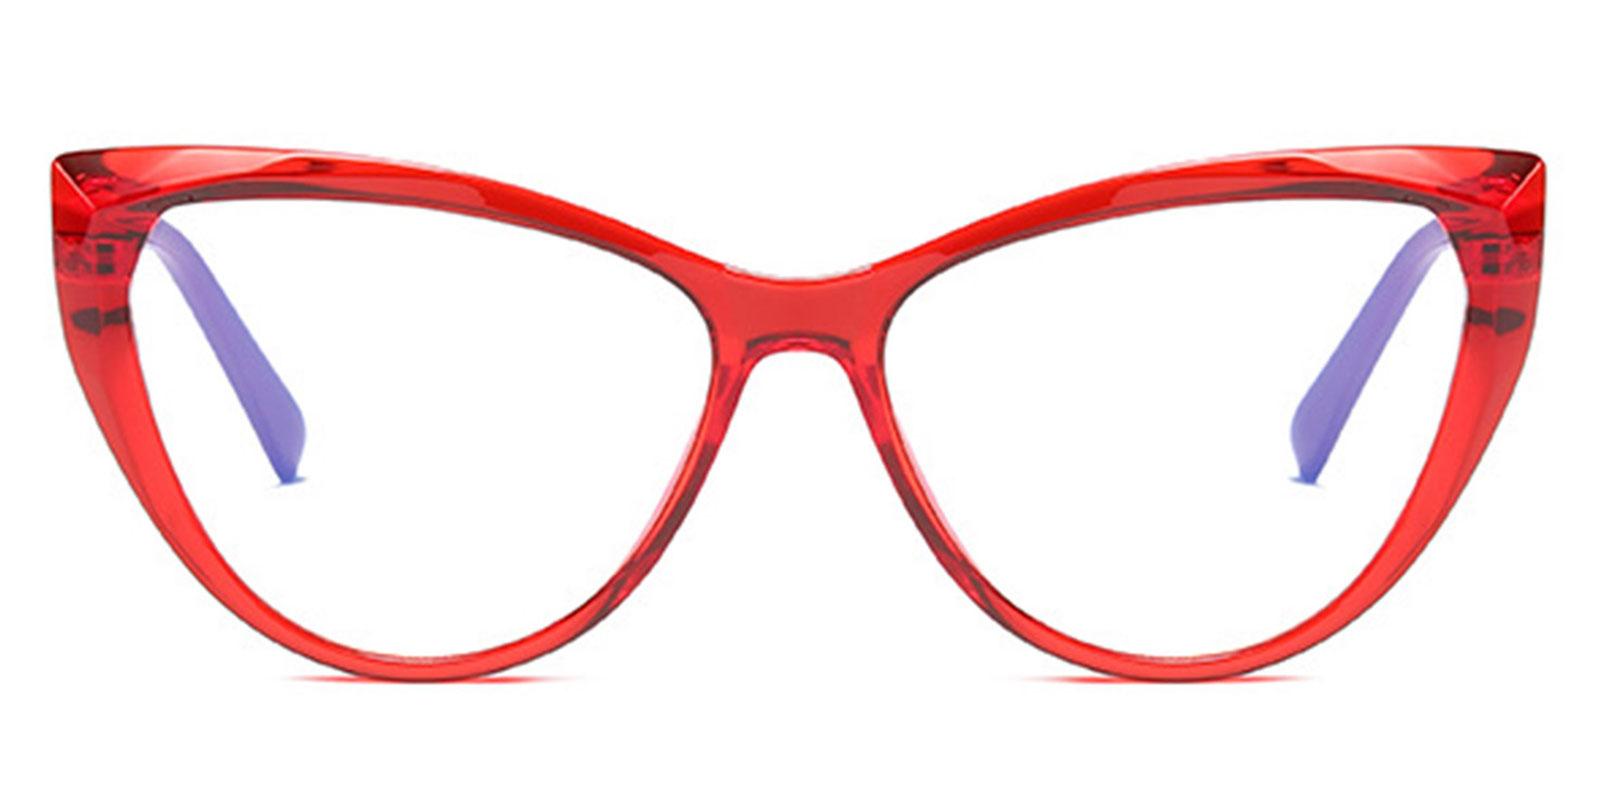 Nanon-multi-color hot-selling cat eye blue light optical glasses frame